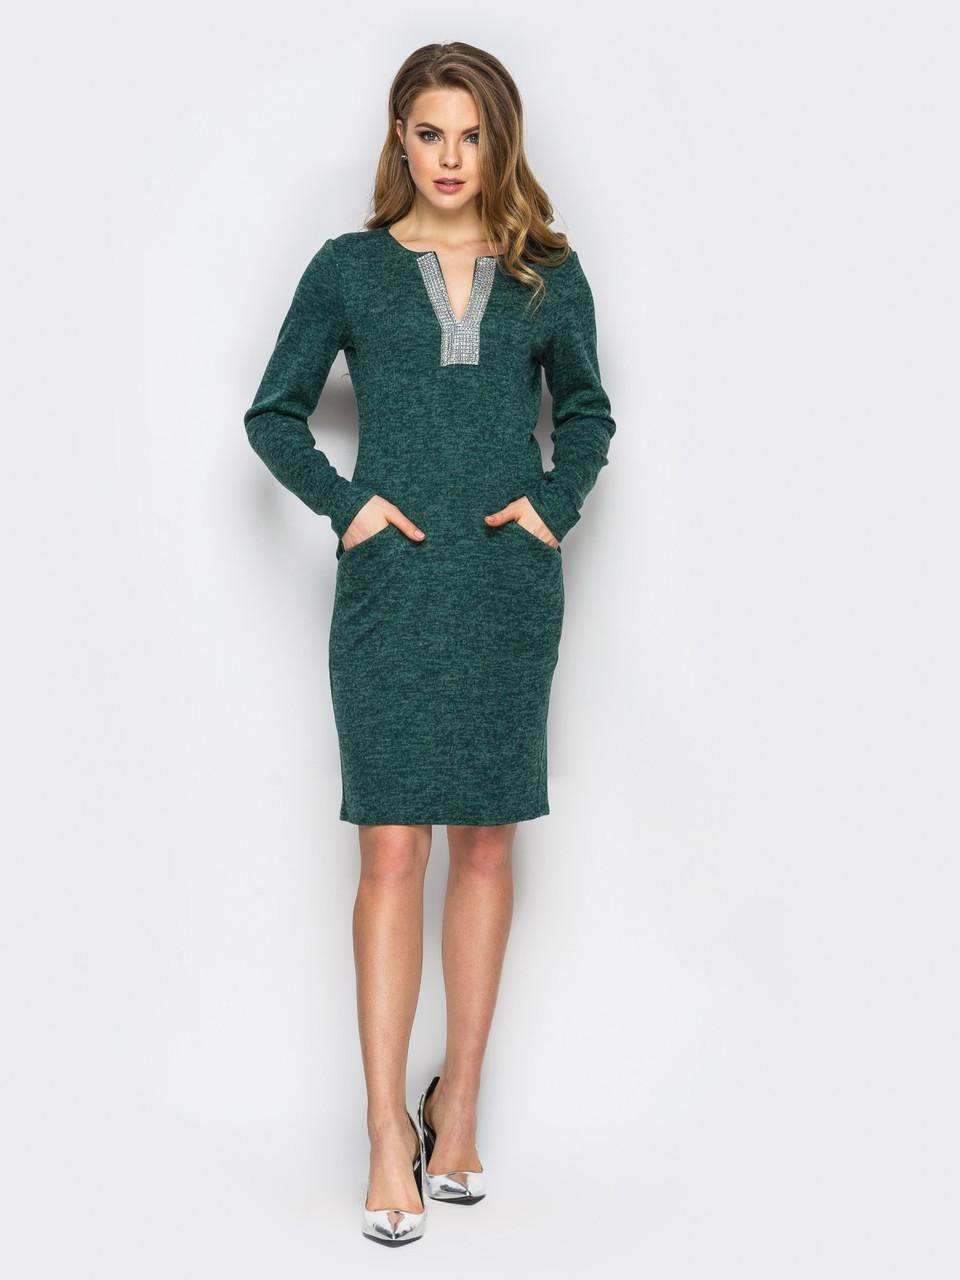 46abca8689a ◼Трикотажное платье с вырезом украшенным стразами (зеленое